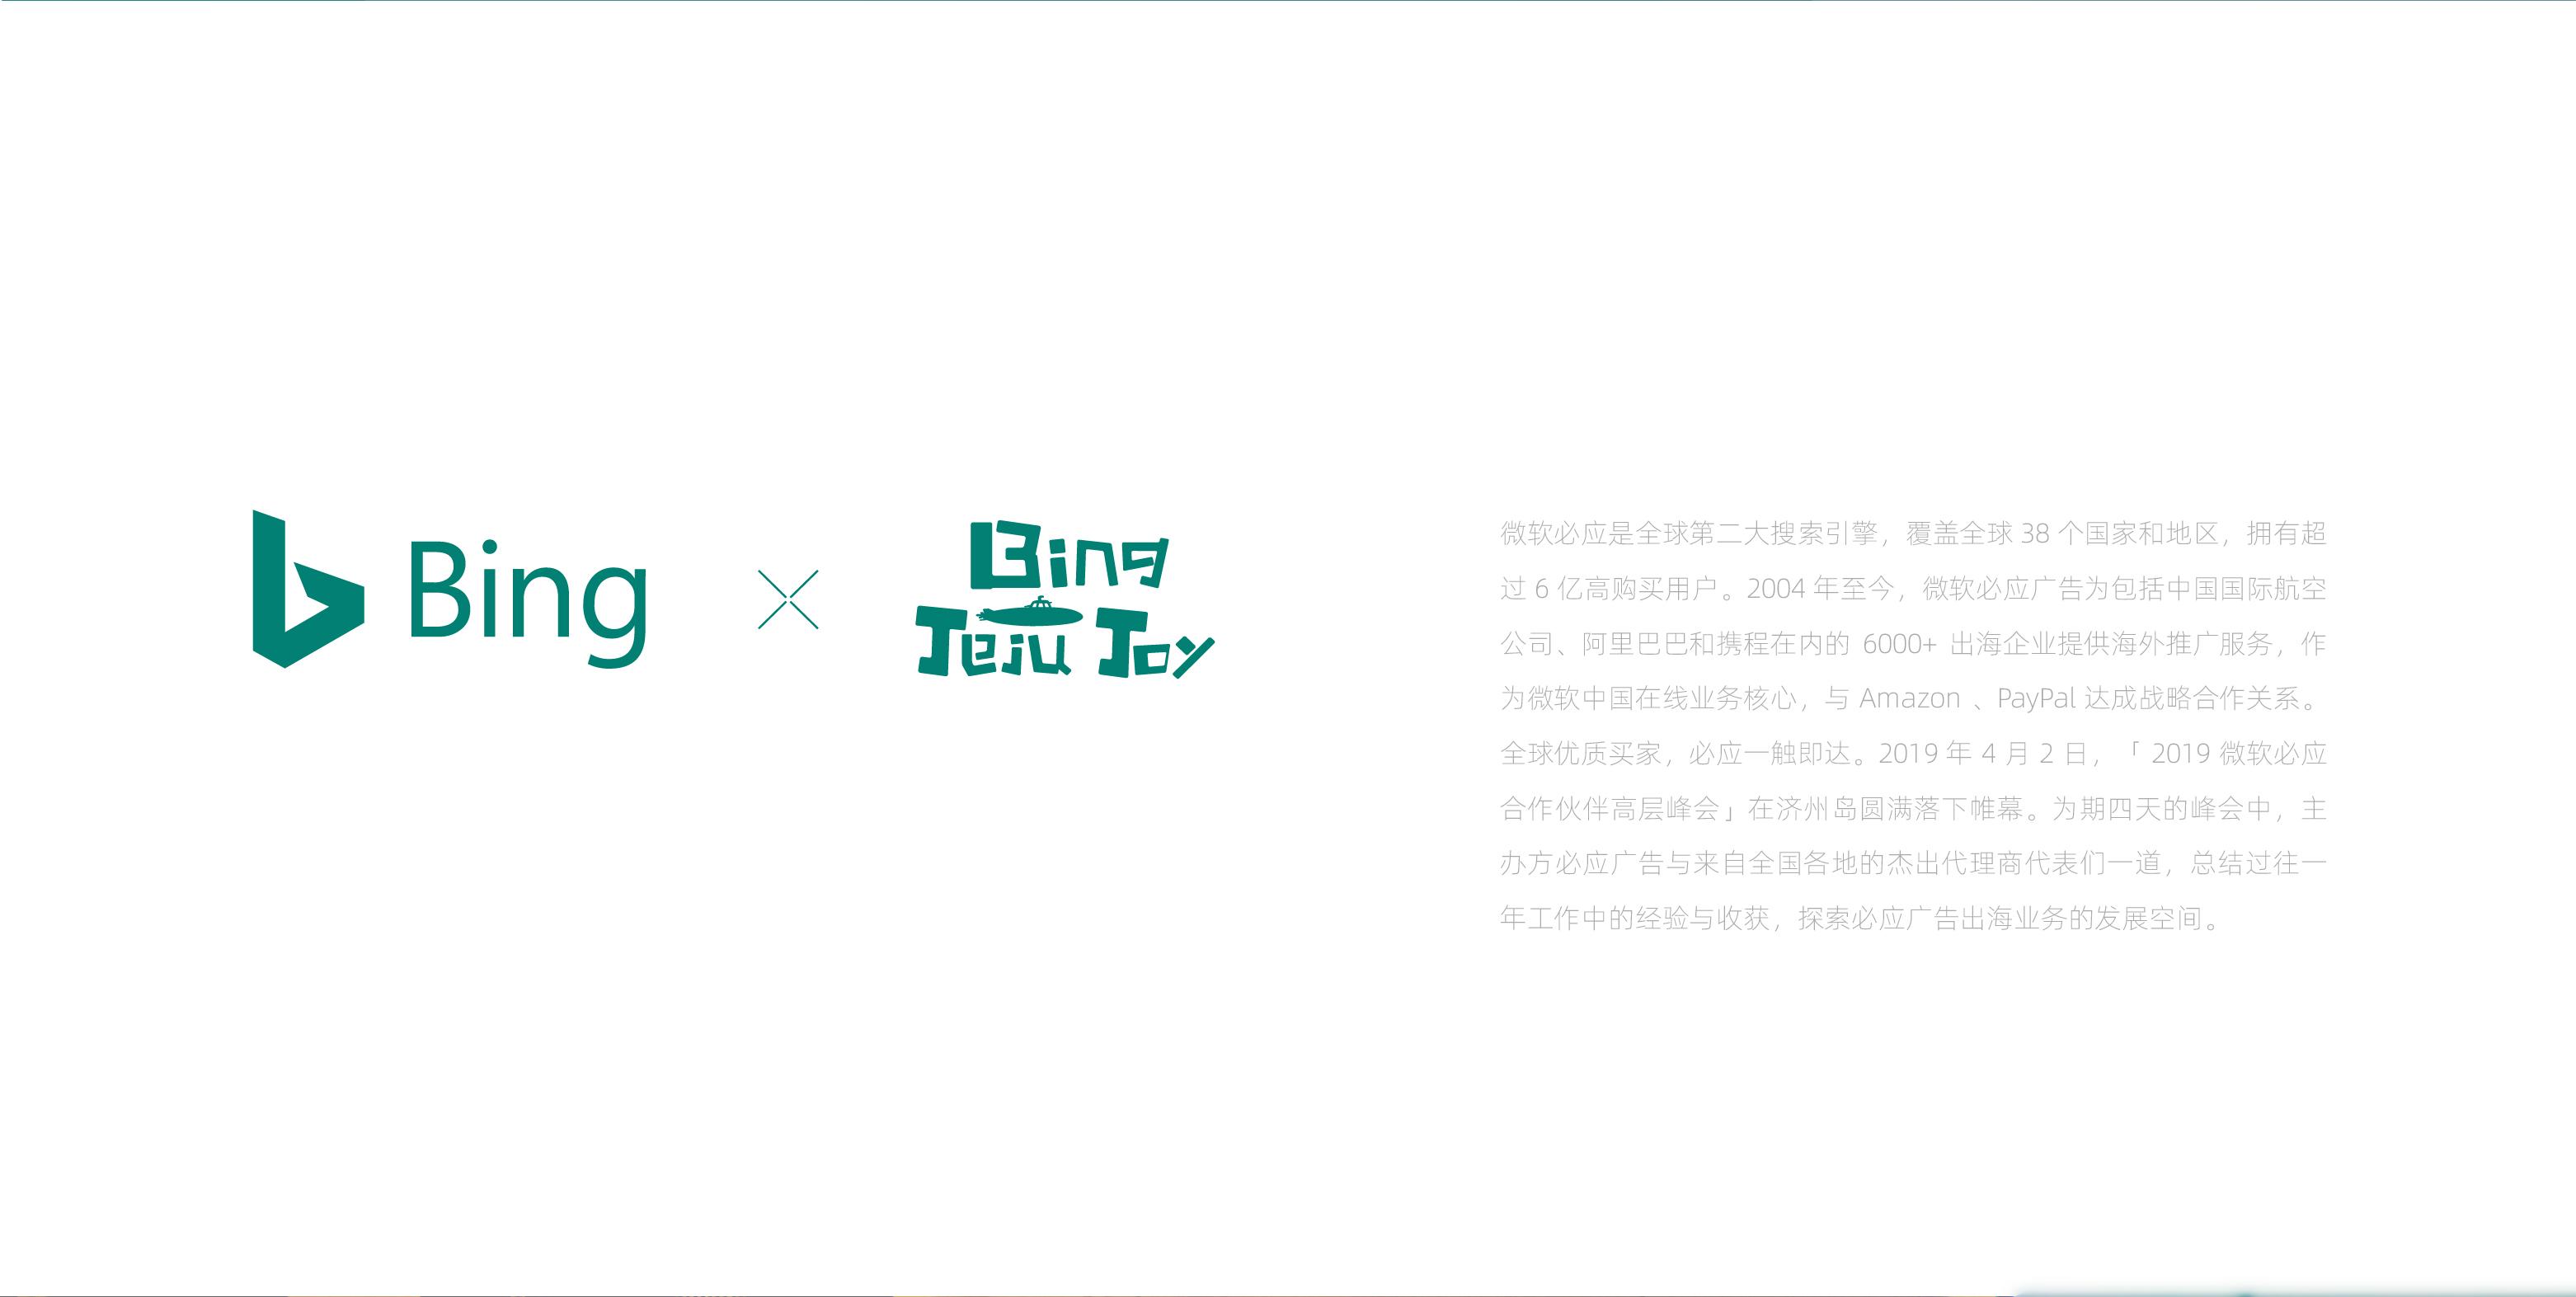 微軟必應2019峰會logo